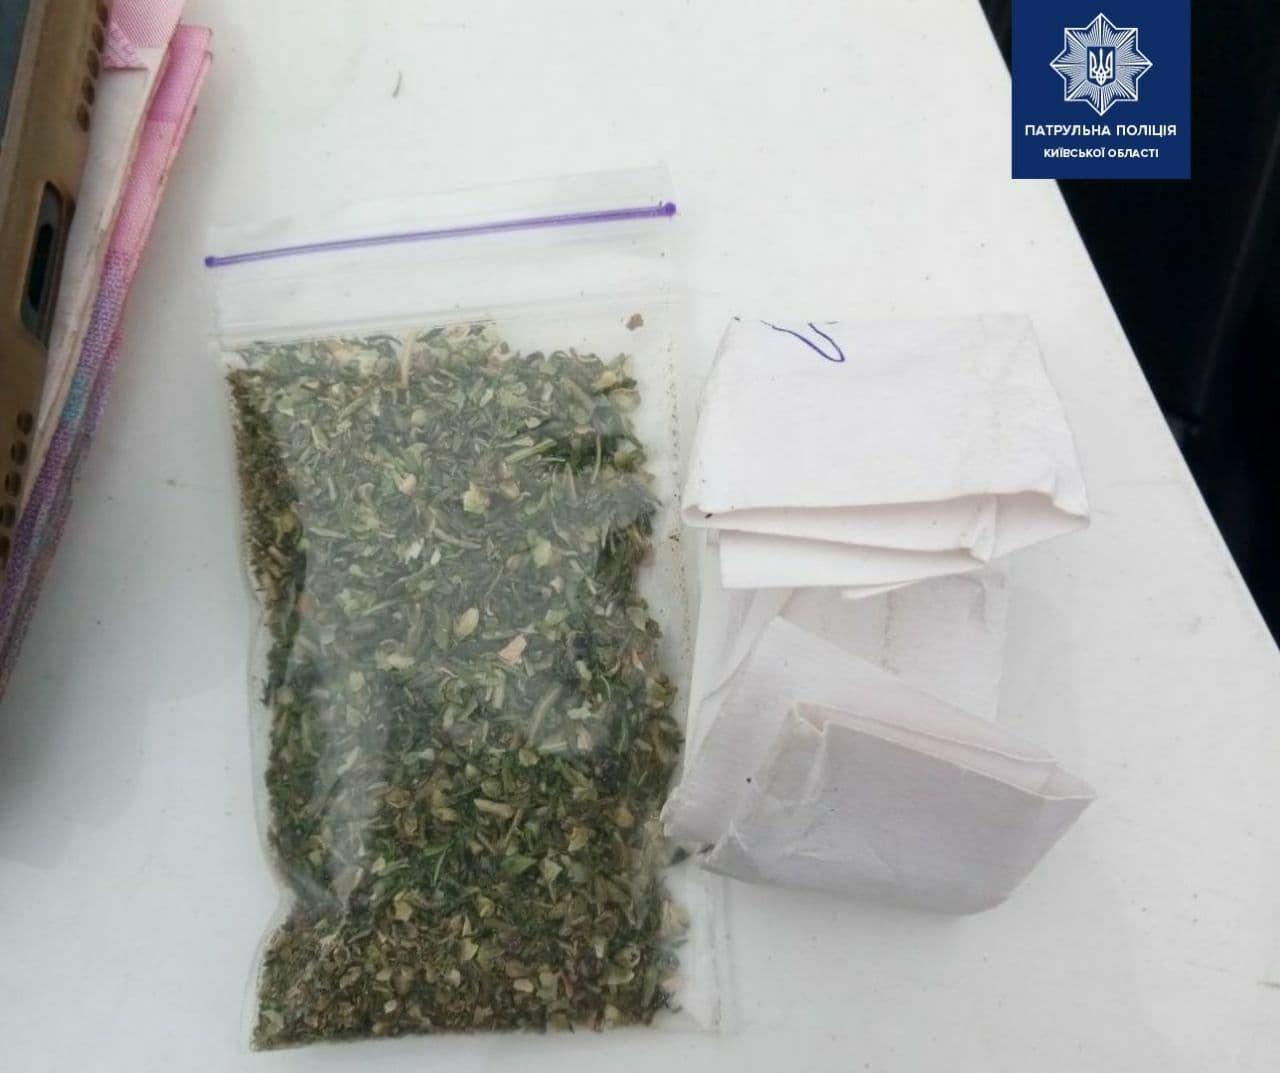 У Борисполі водій зізнався поліцейським, що має наркотики - Поліція, наркотики - 142552812 2001789893327927 889417291642350563 o